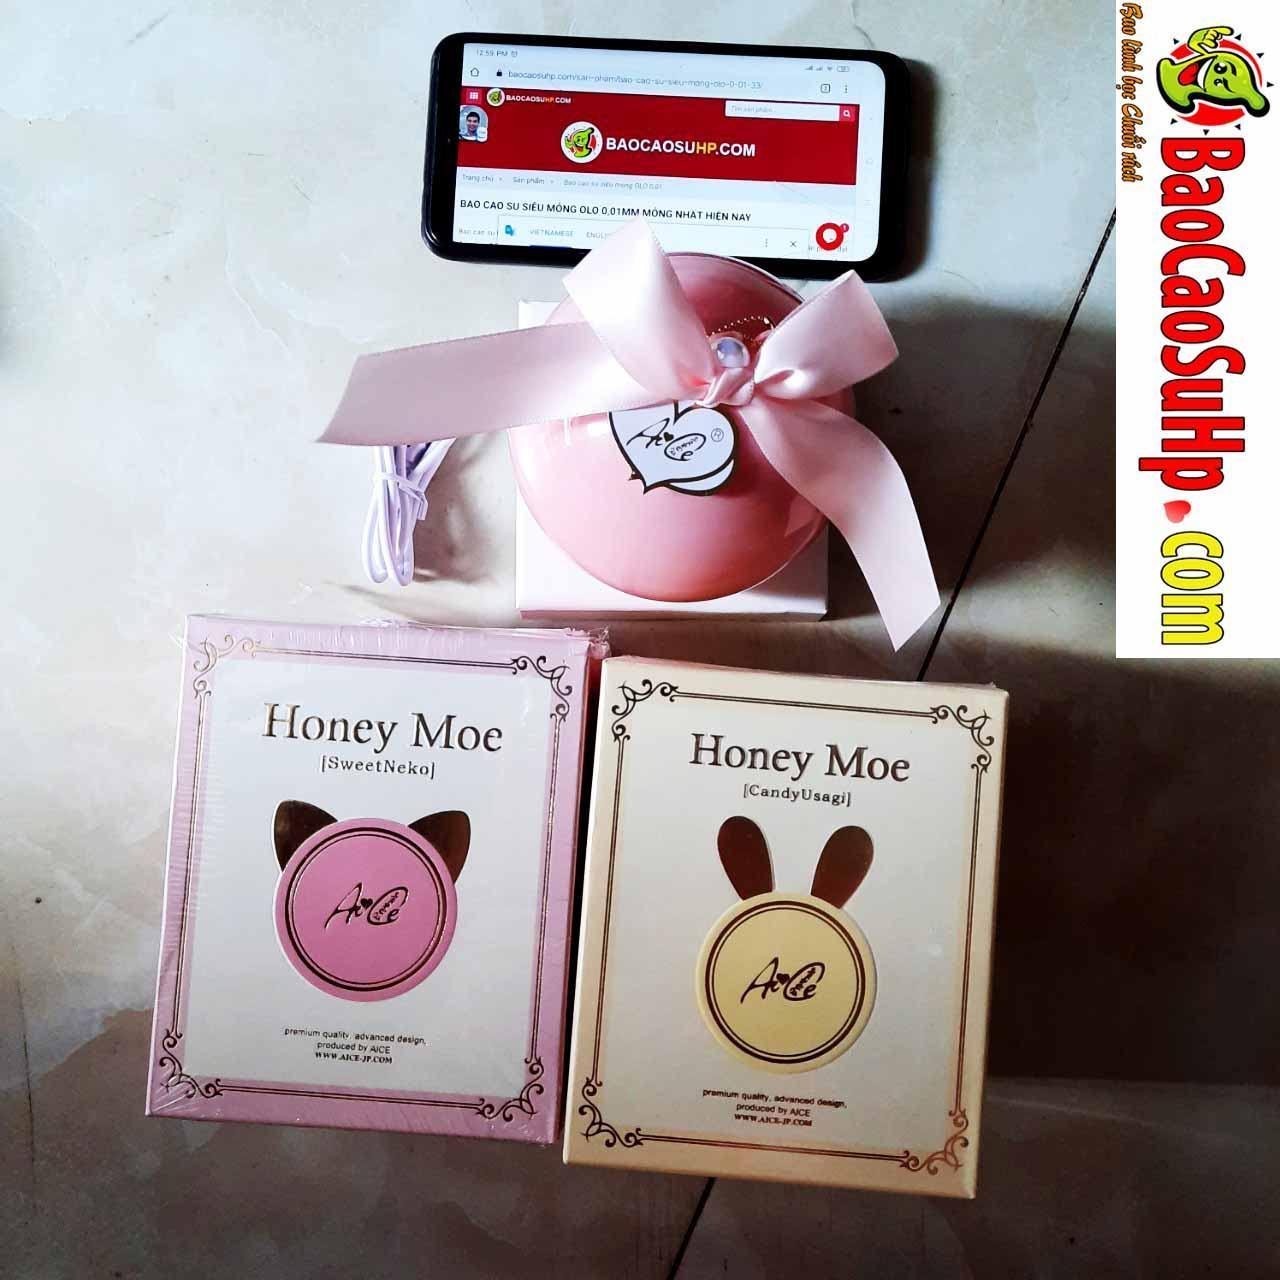 20200530165225 5336830 trung rung dieu khien tu sieu de thuong honey moe 1 - Trứng rung điều khiển từ siêu dễ thương Honey Moe